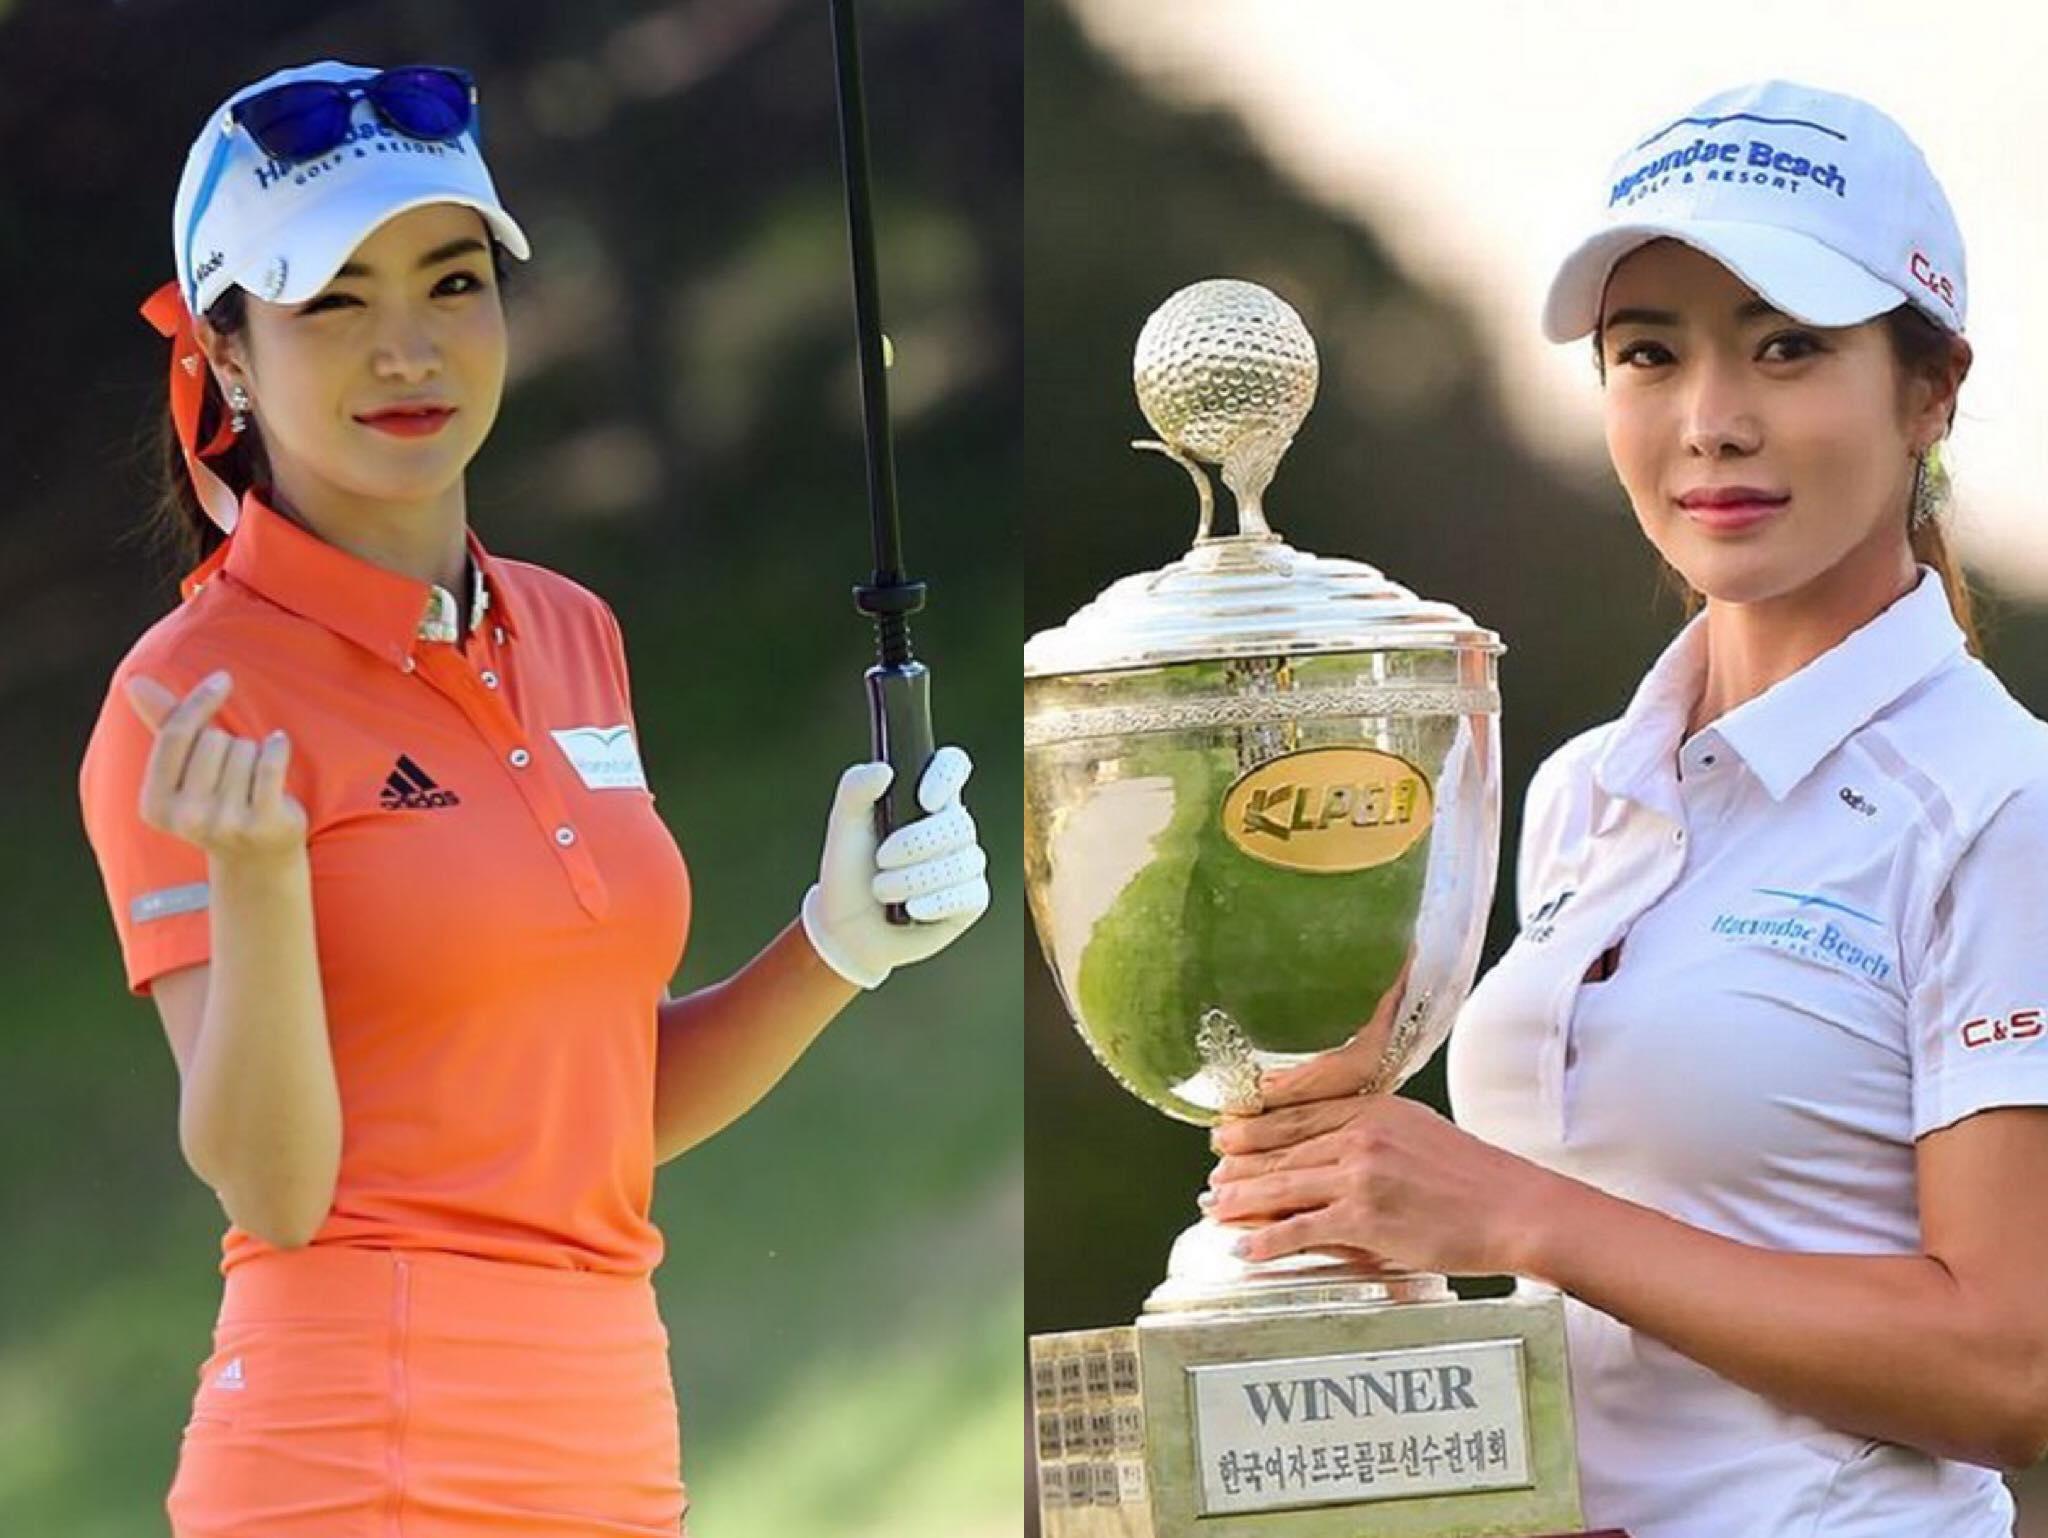 Đổ gục trước sắc vóc 'bốc lửa' của 'thánh nữ' xinh đẹp bậc nhất làng golf Shin Ae Ahn